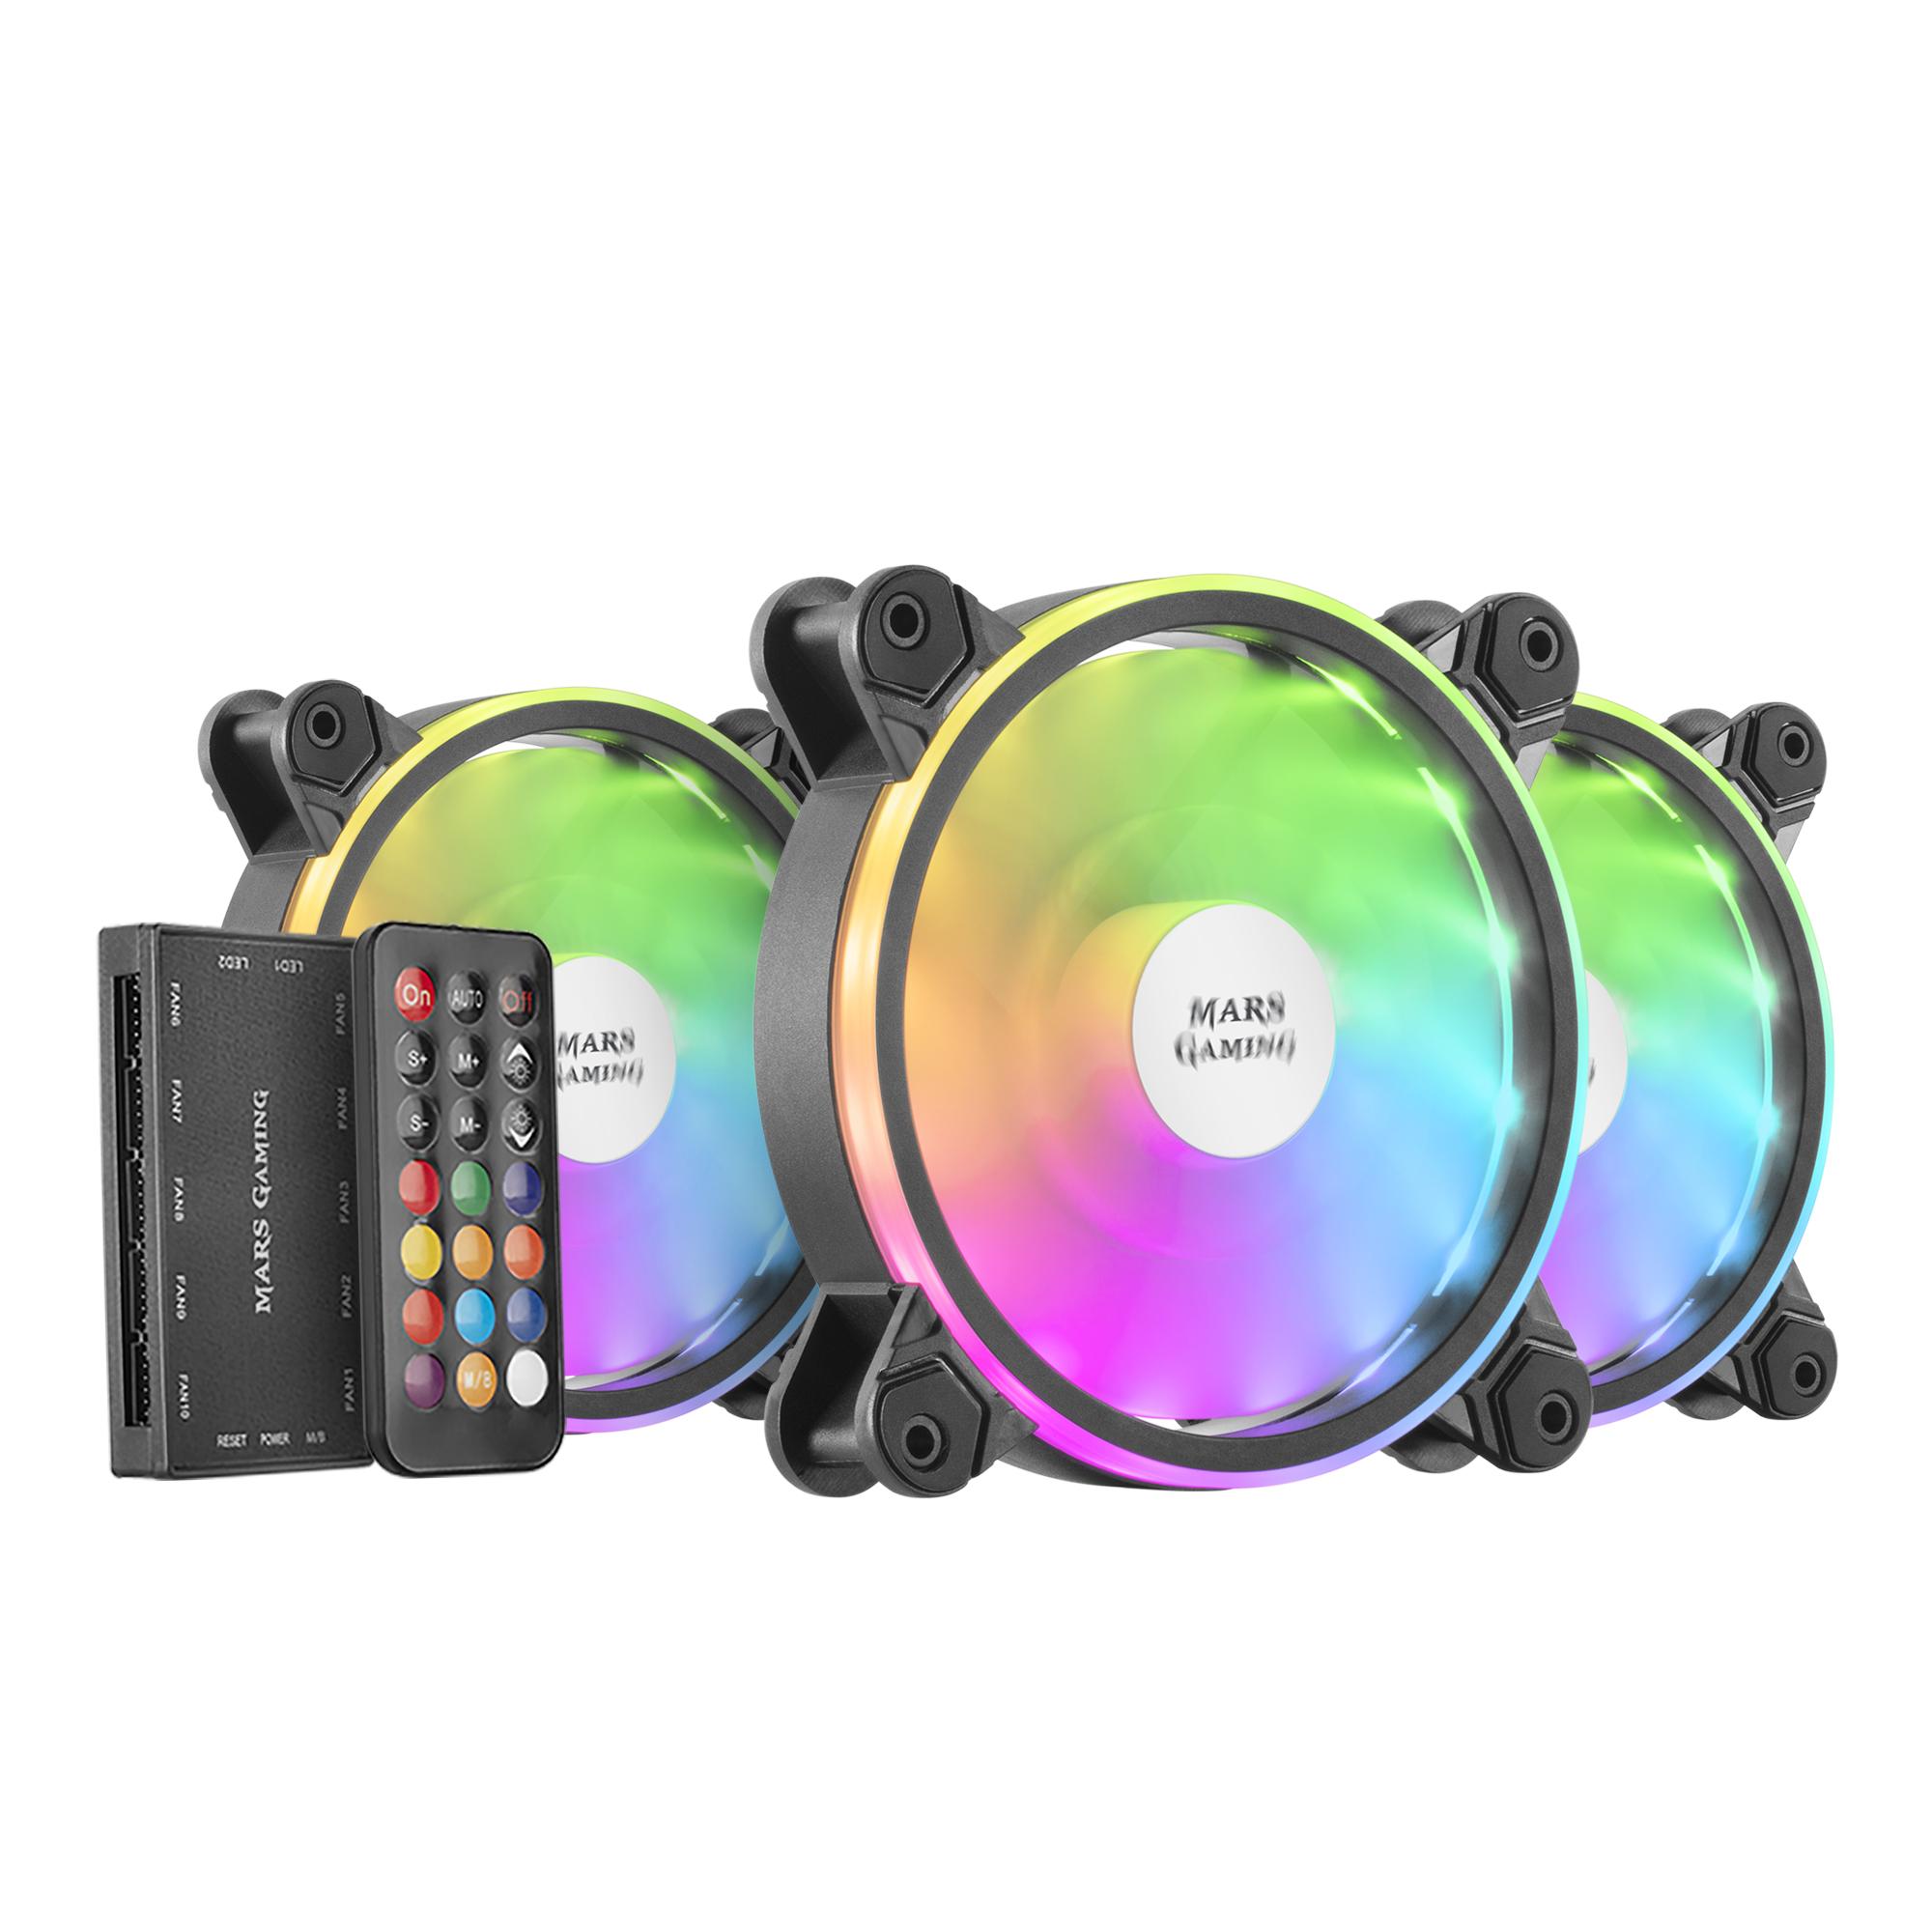 Mfxkit Ventilador De Pc Carcasa Del Ordenador Set De Refrigeración 12 Cm Negro 3 Pieza(s)